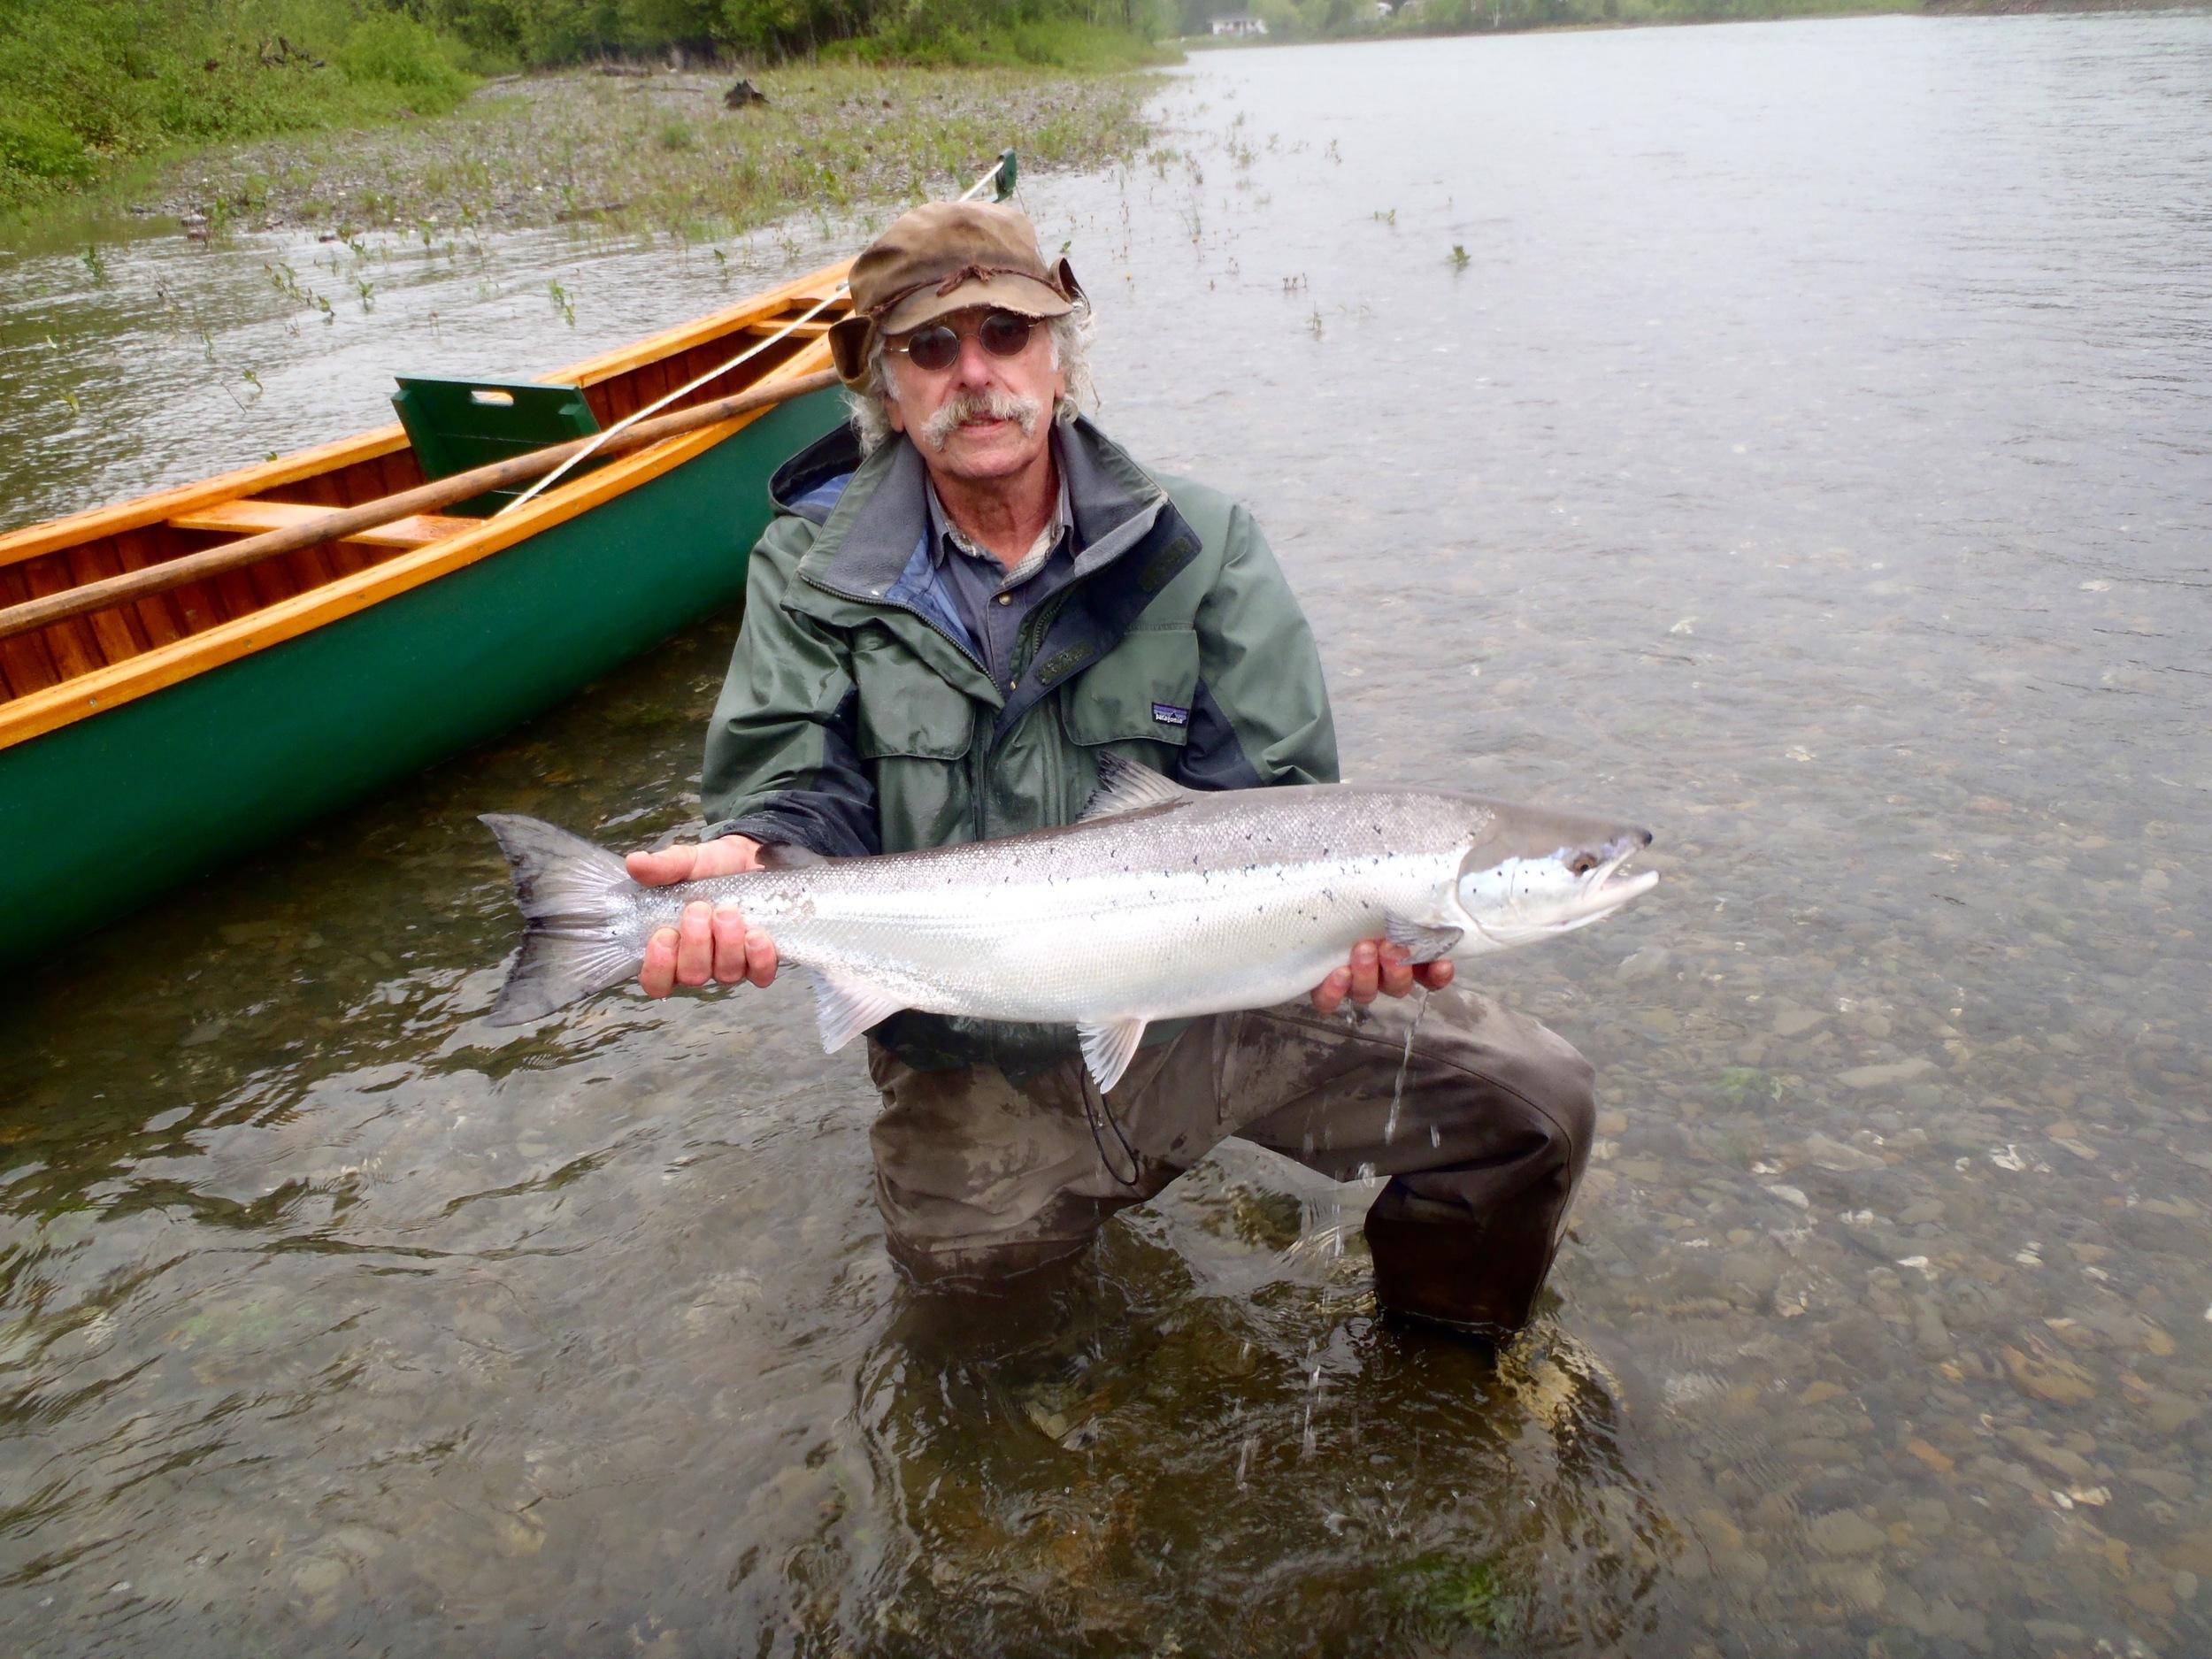 Allen Rowe est venu d'Israël pour pêcher ici. La semaine a été fantastique pour Allen qui a capturé quatre belles prises!